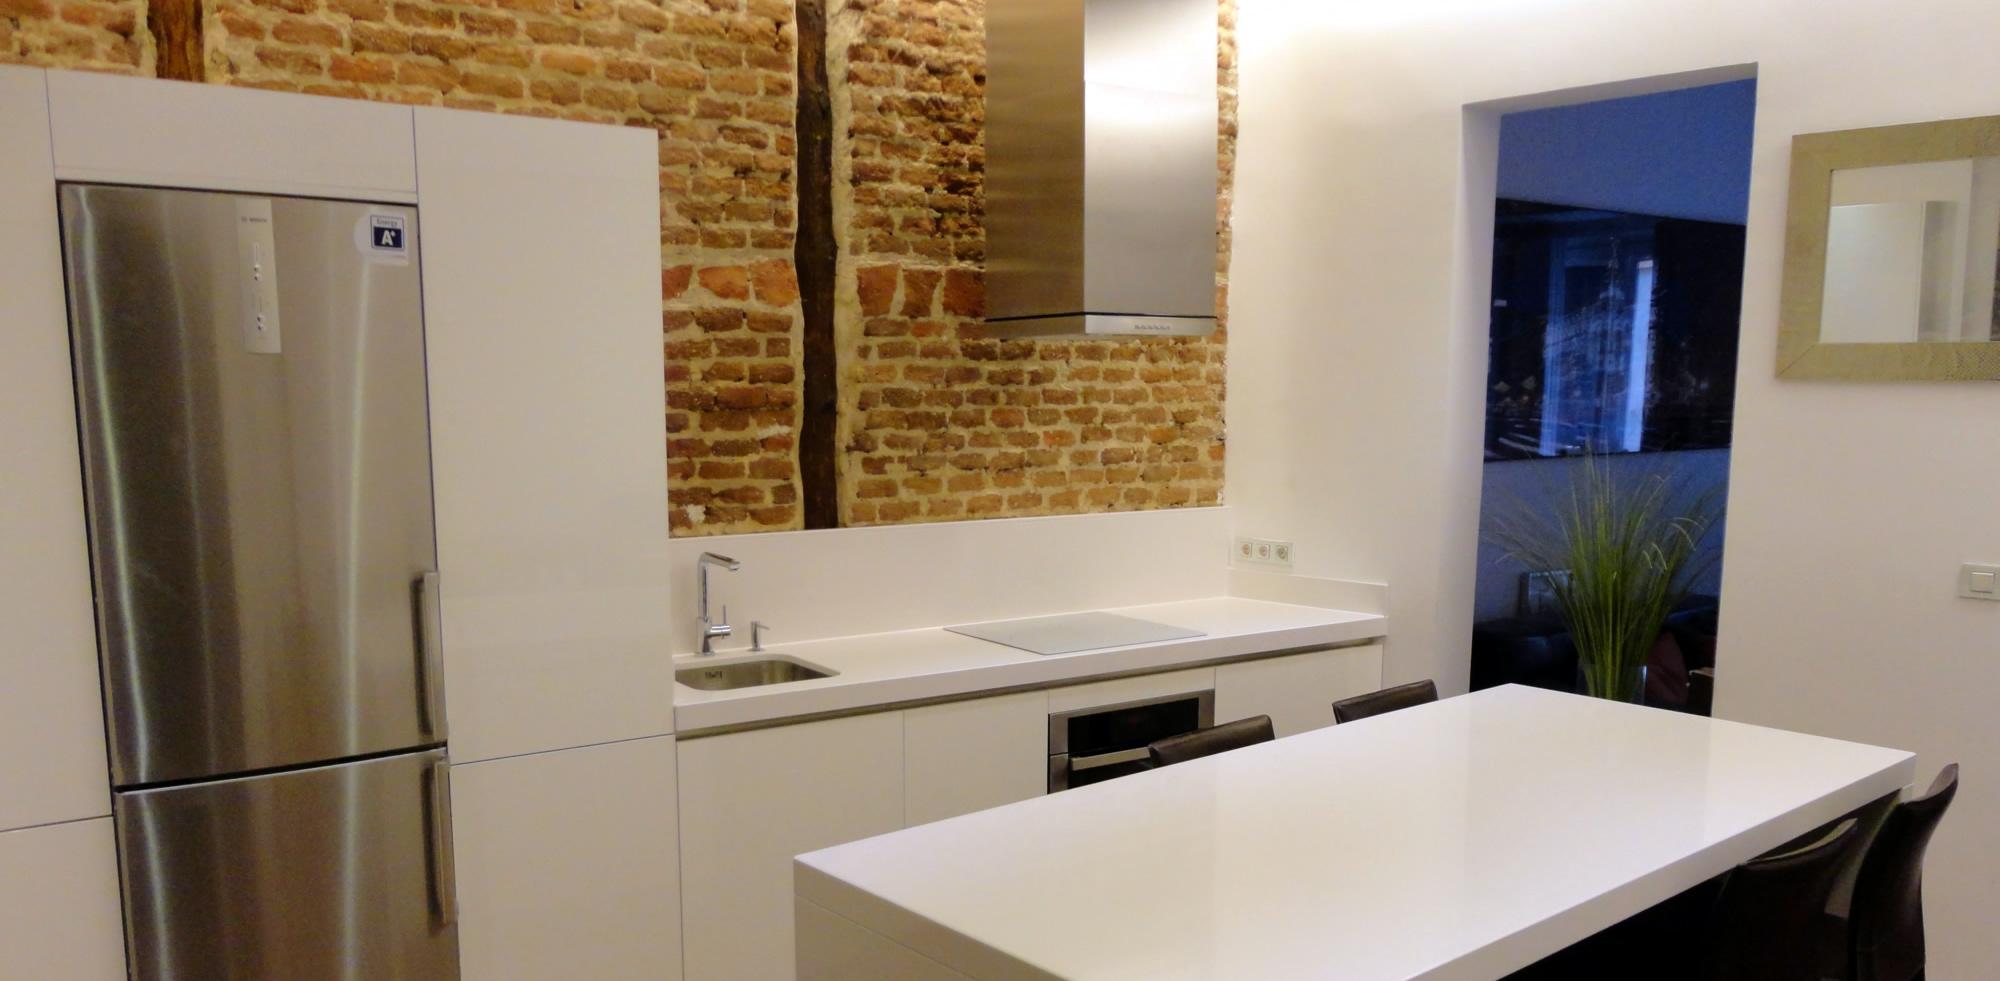 Muebles de cocina blanco brillante ideas - Ultimos disenos de cocinas ...